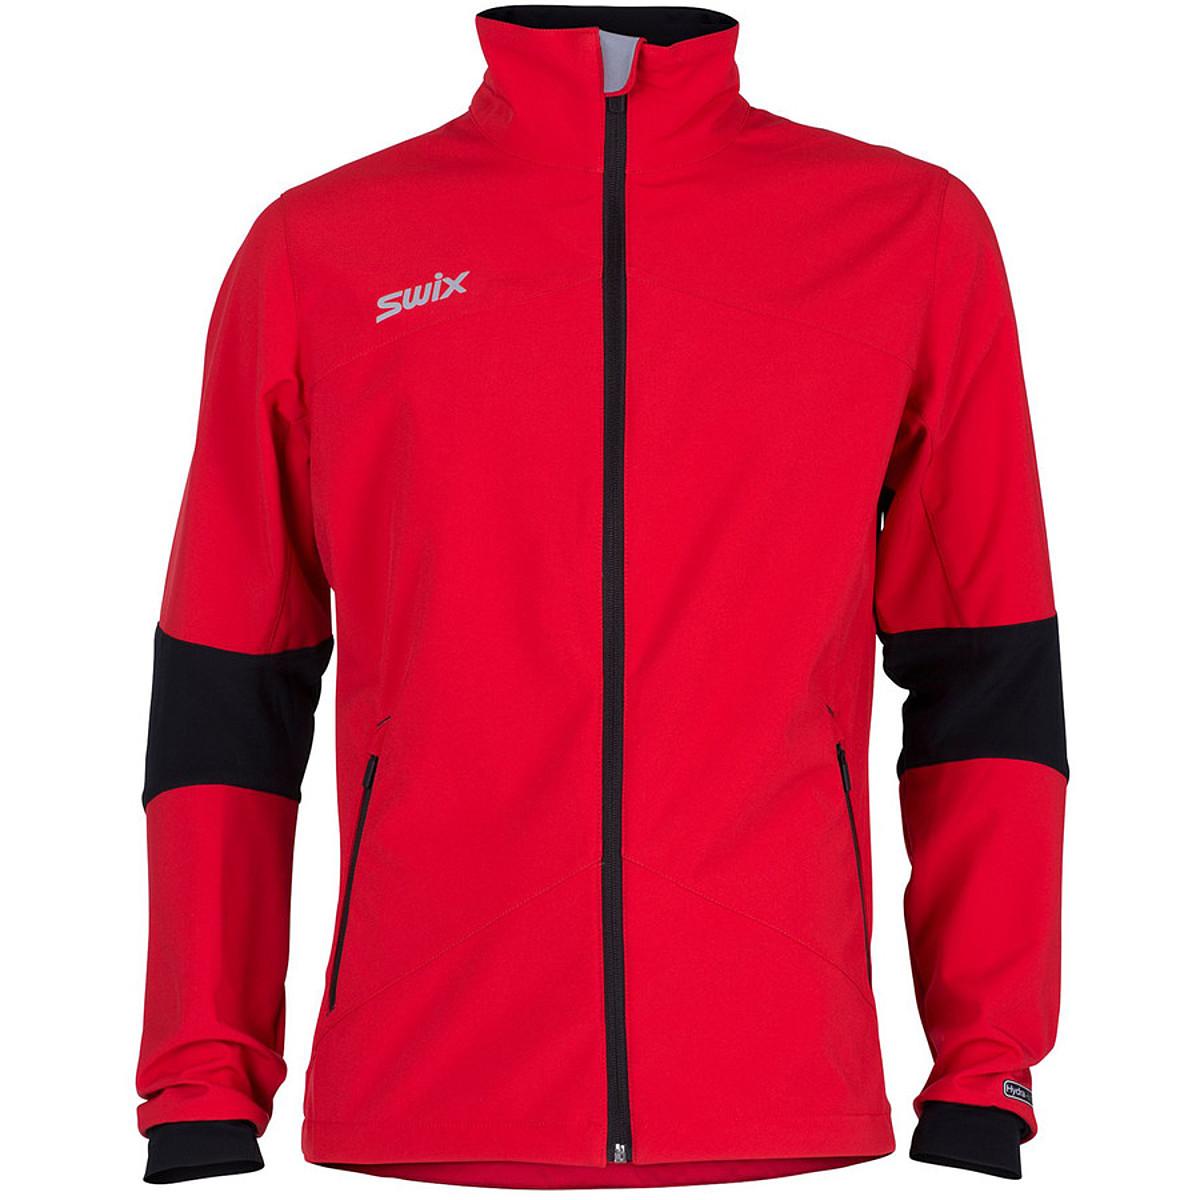 Swix Geilo Jacket